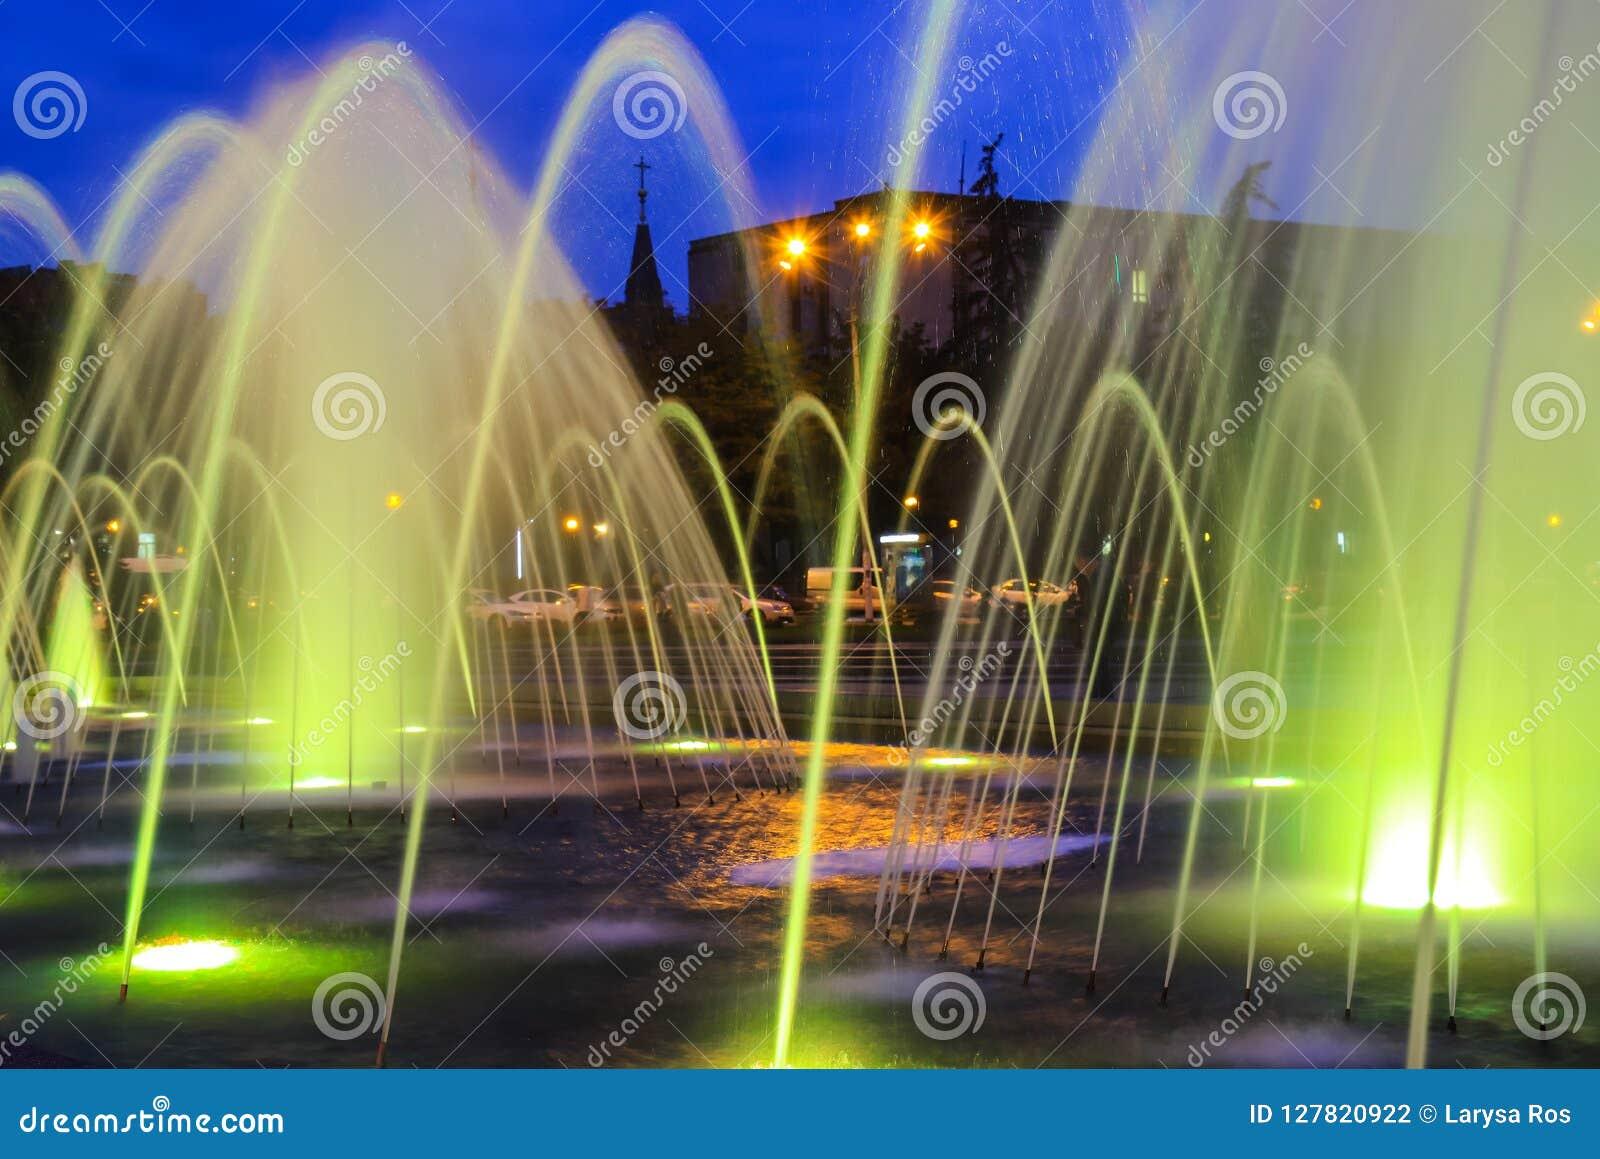 Fonte colorida grande pitoresca, bonita na noite, cidade Dnepr Opinião da noite de Dnepropetrovsk, Ucrânia